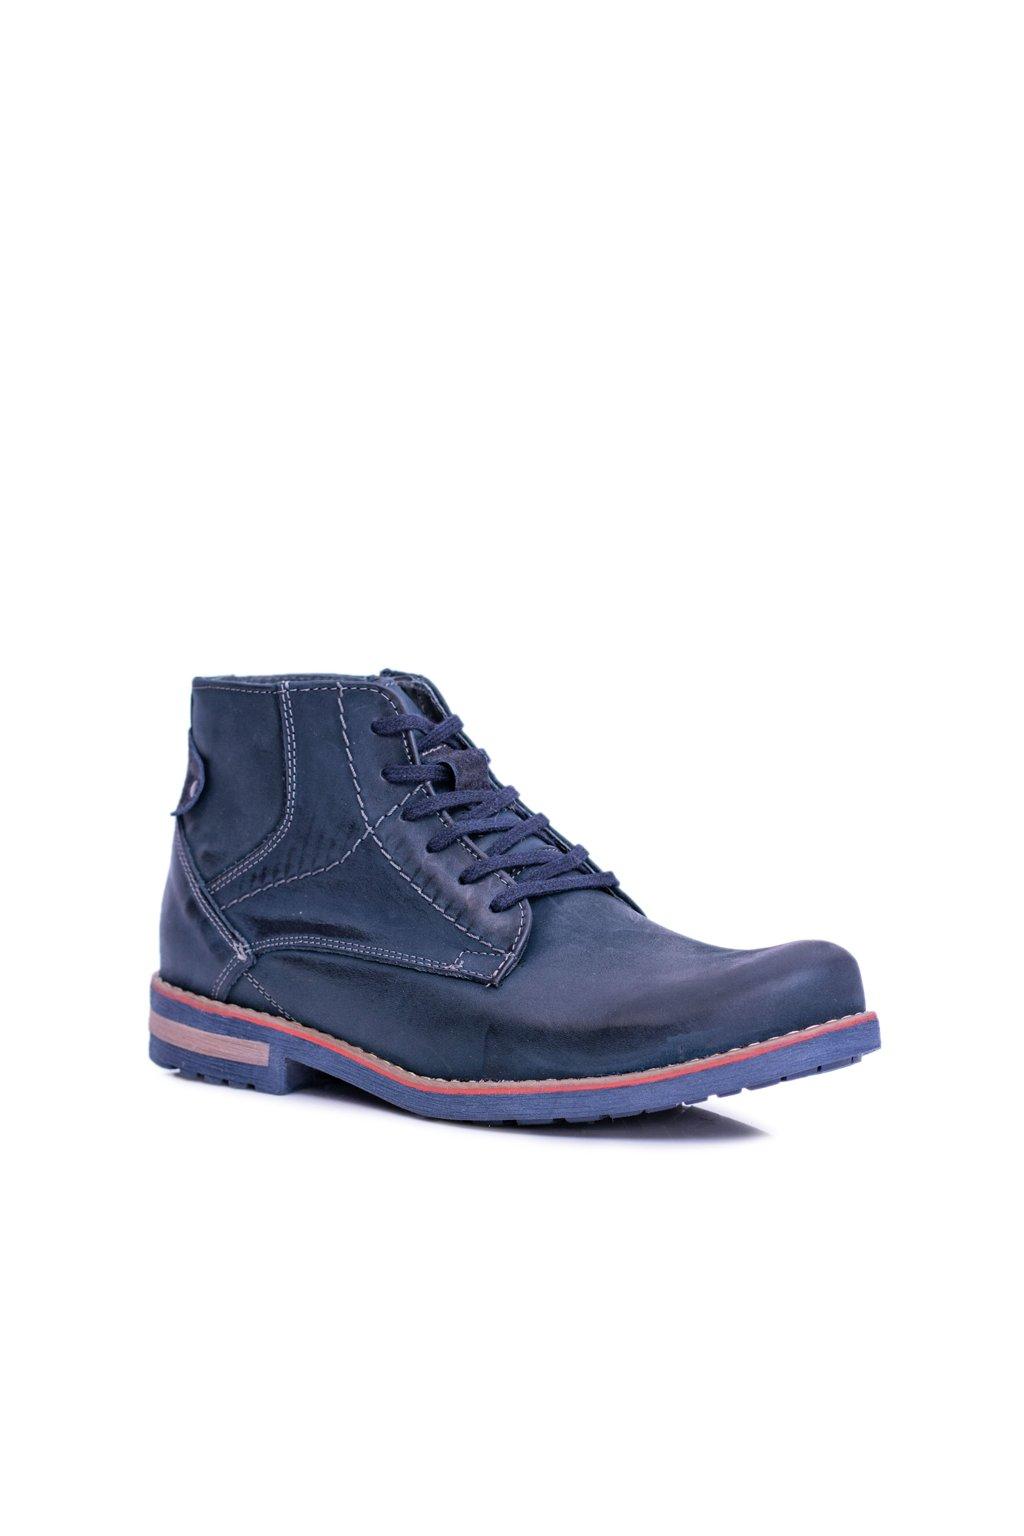 pánske kožené vysoké topánky so zipsom Teplé Komodo 731